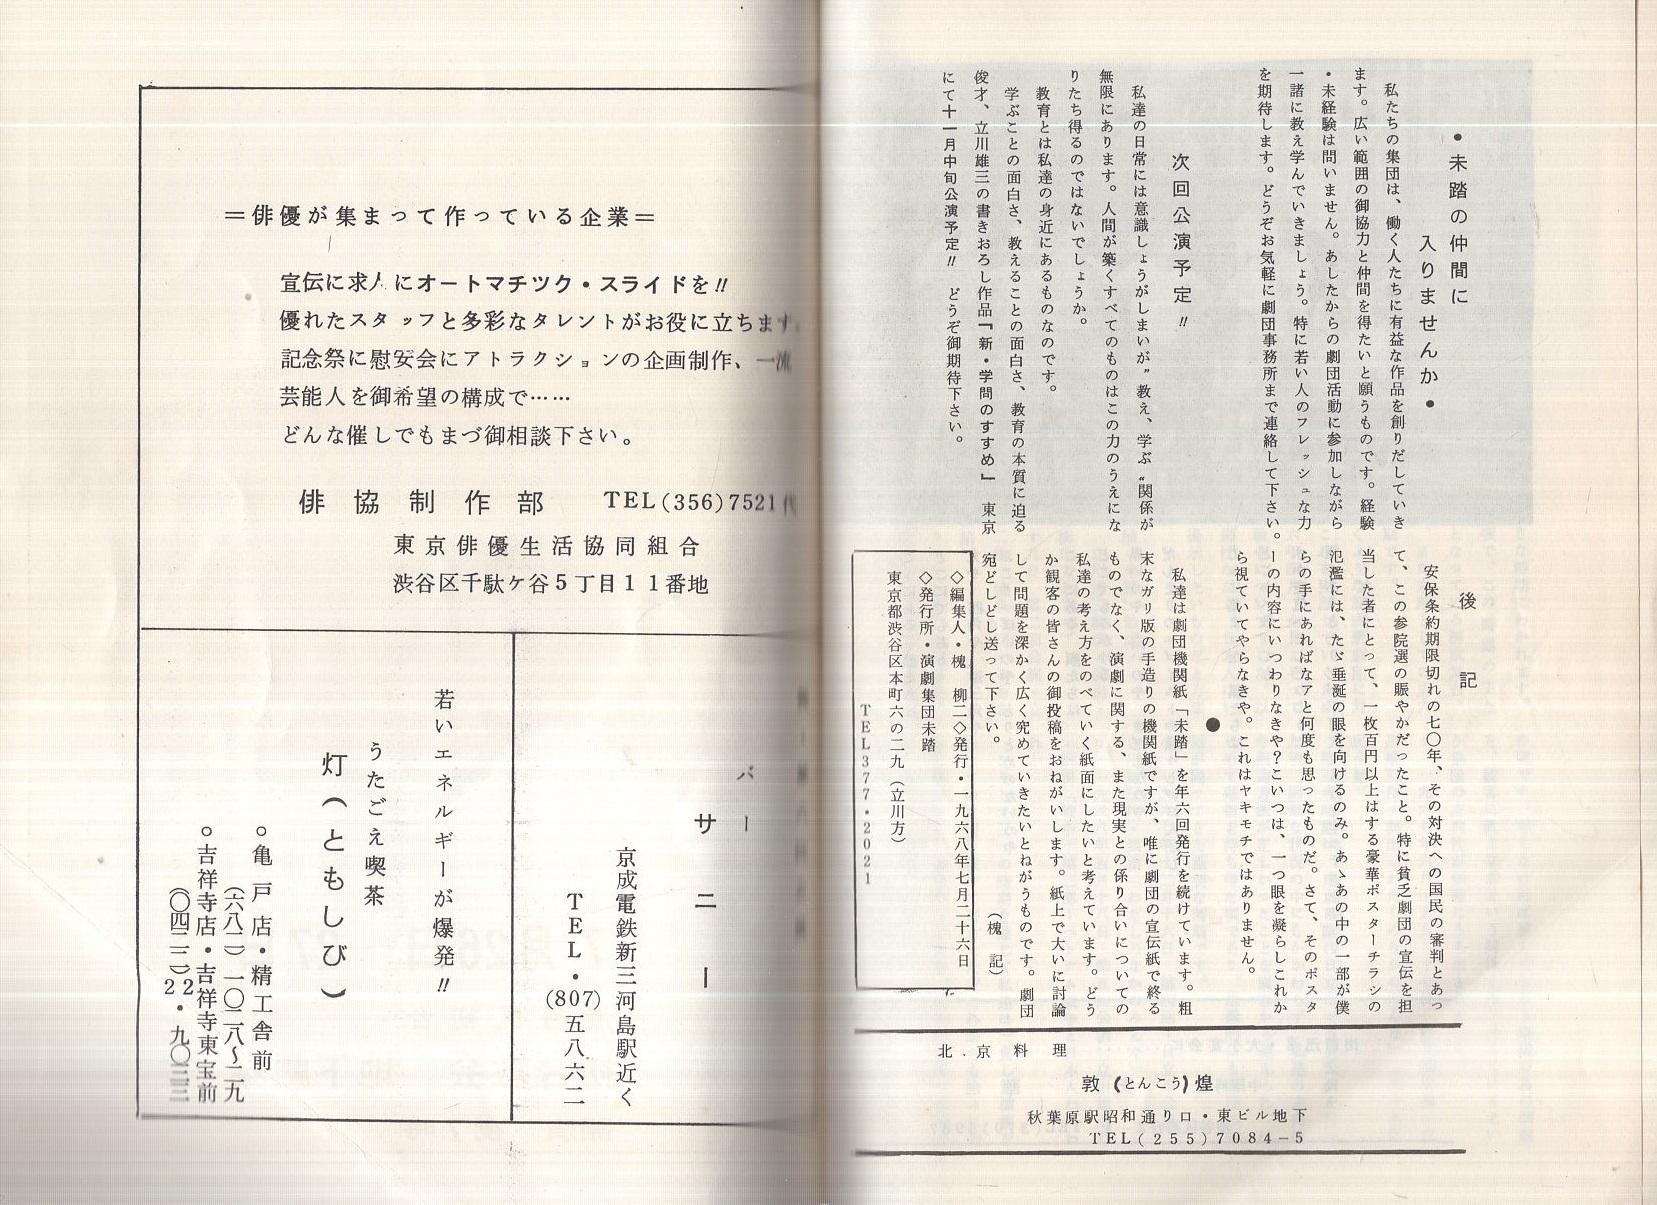 わたしのなかのみんな 劇団未踏第6回公演 昭和43年7月 (演劇 ...